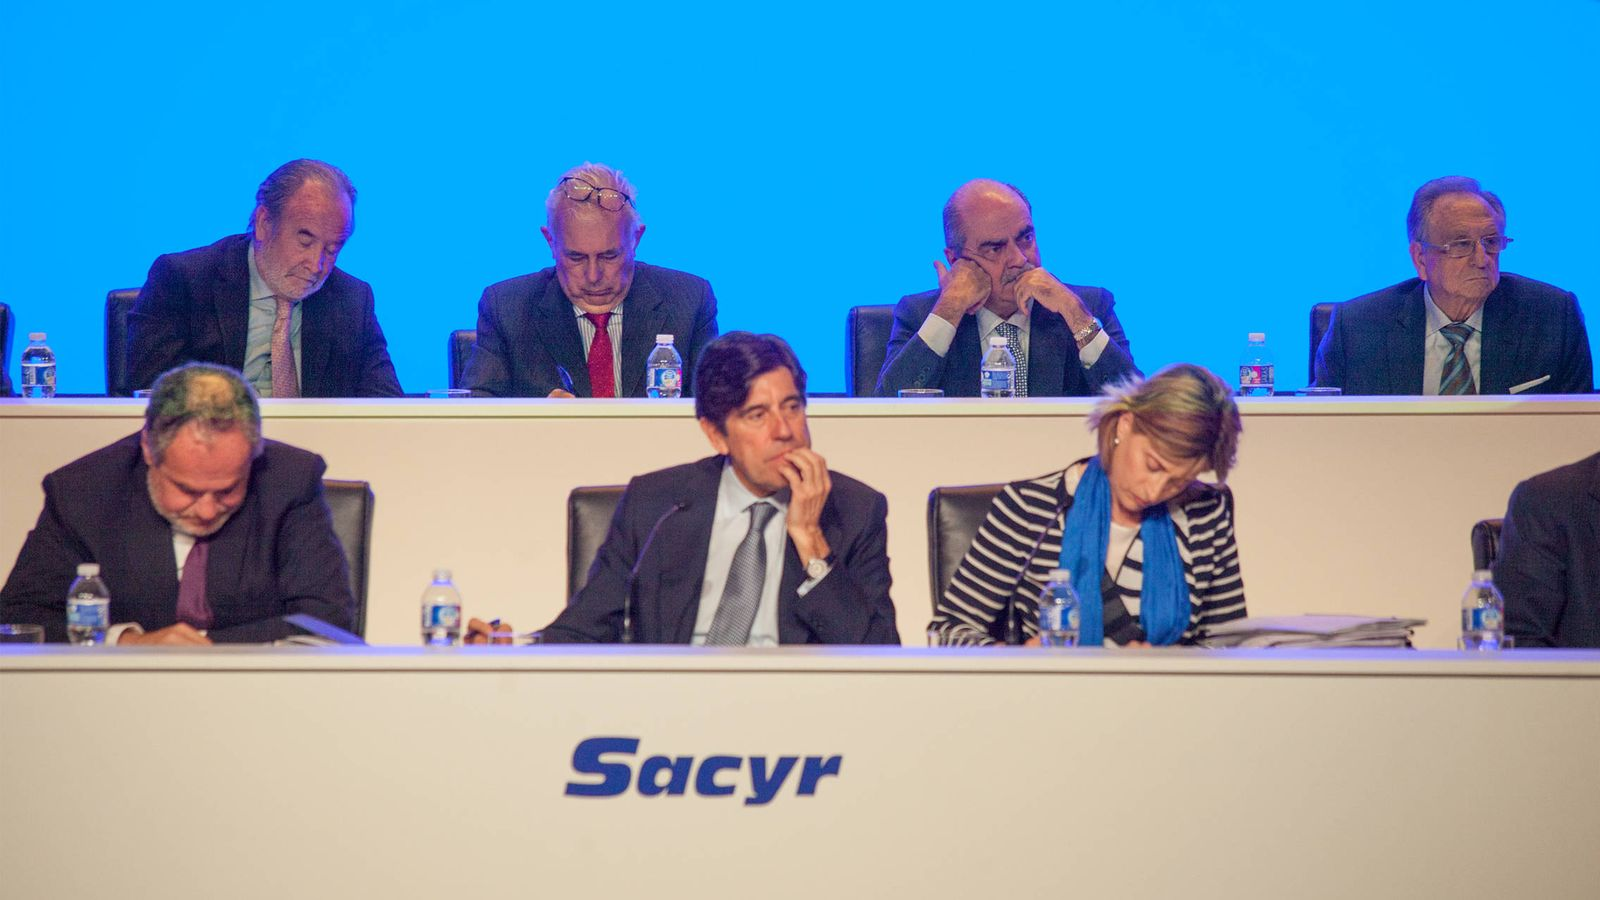 Foto: Junta general de accionistas de Sacyr. (Enrique Villarino)